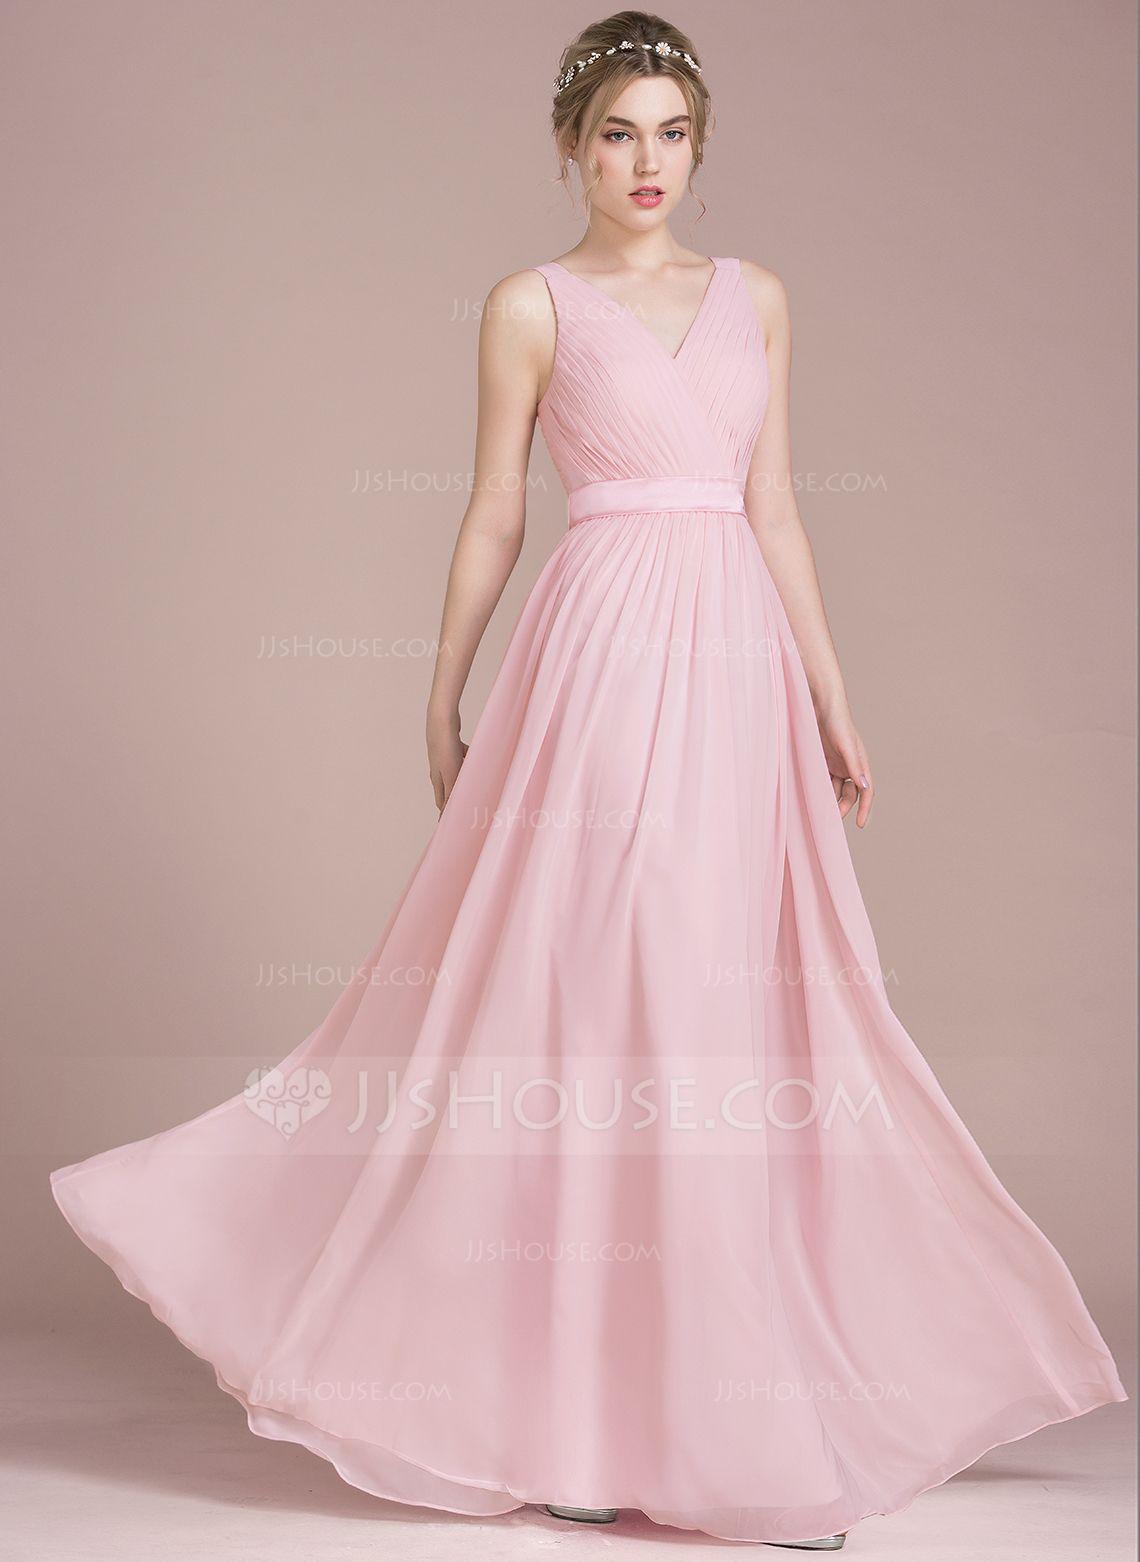 Pin On Prom Dress Pattern [ 1562 x 1140 Pixel ]